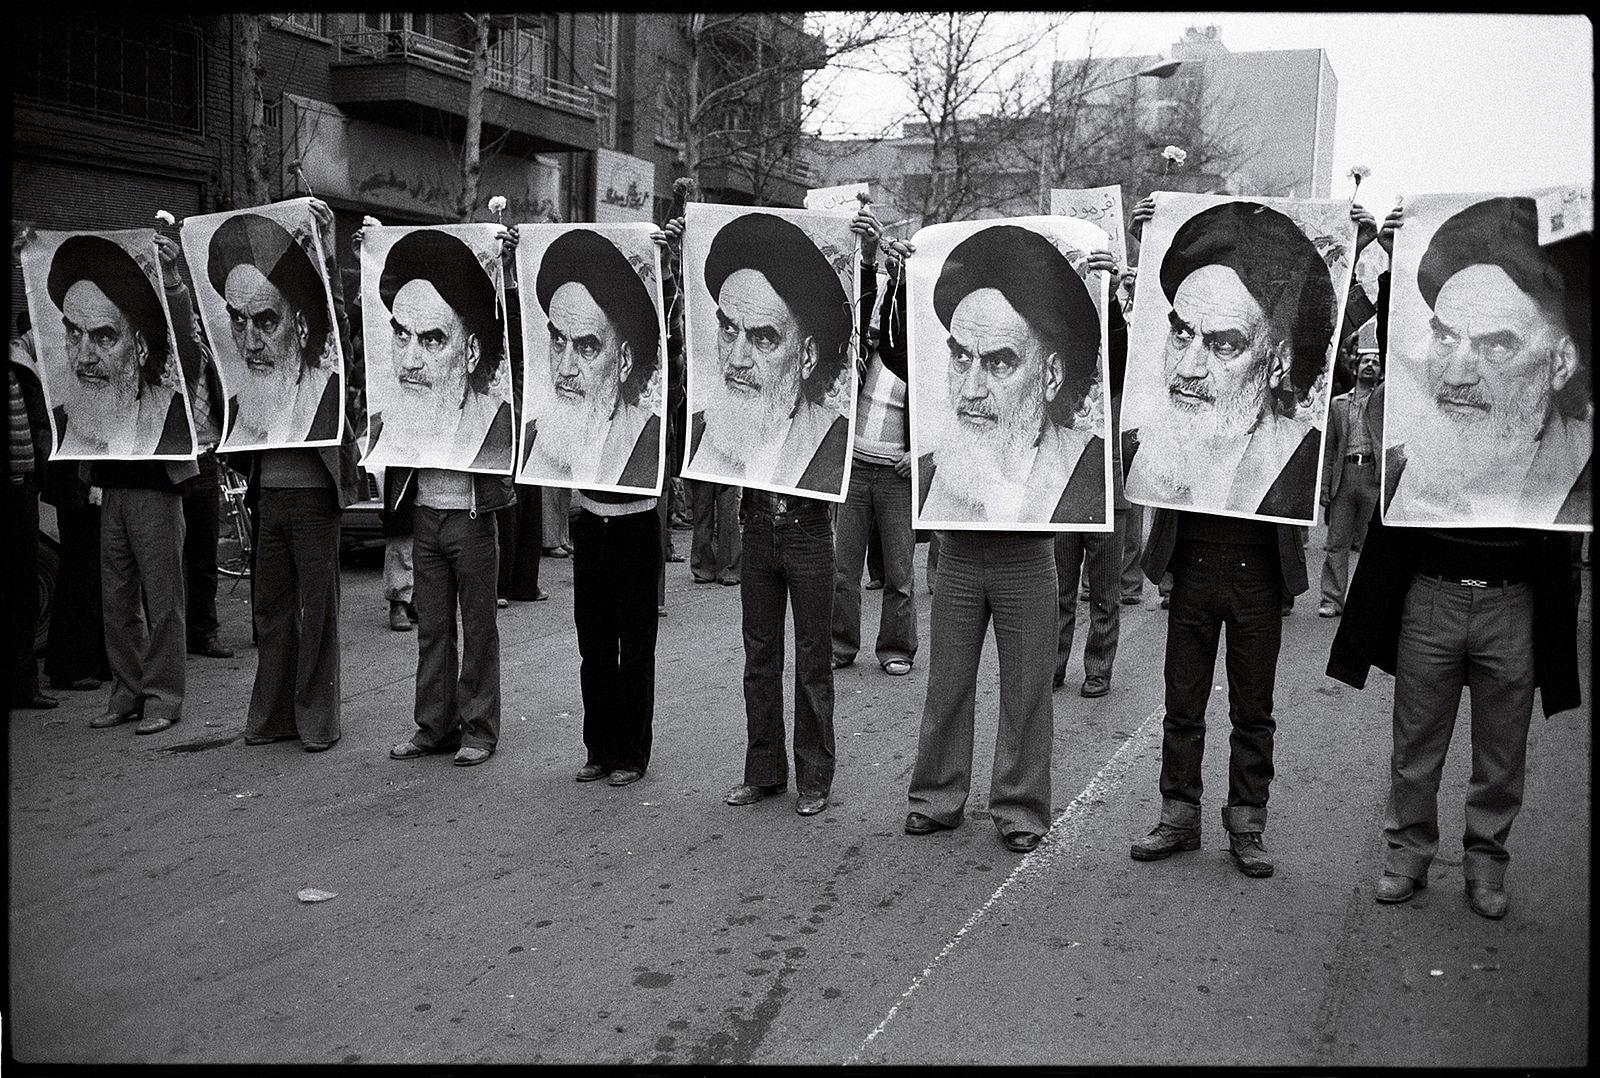 Militants islamistes - portraits de l'ayatollah Khomeini en 1978 - Histoire - Terminale - SchoolMouv